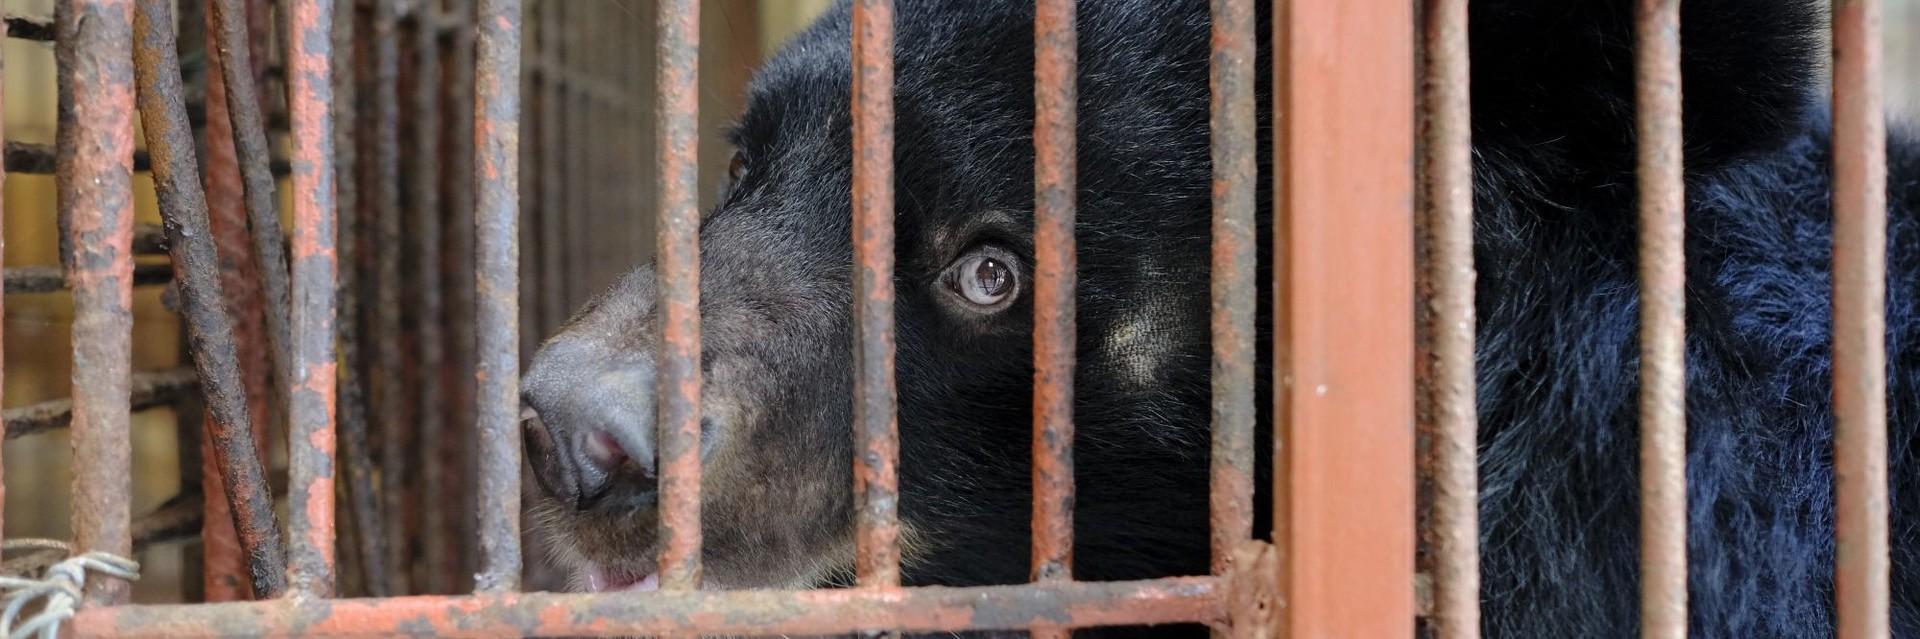 Animal Rescue dating sites Hoe om te zeggen of hij wil een hook up of een relatie